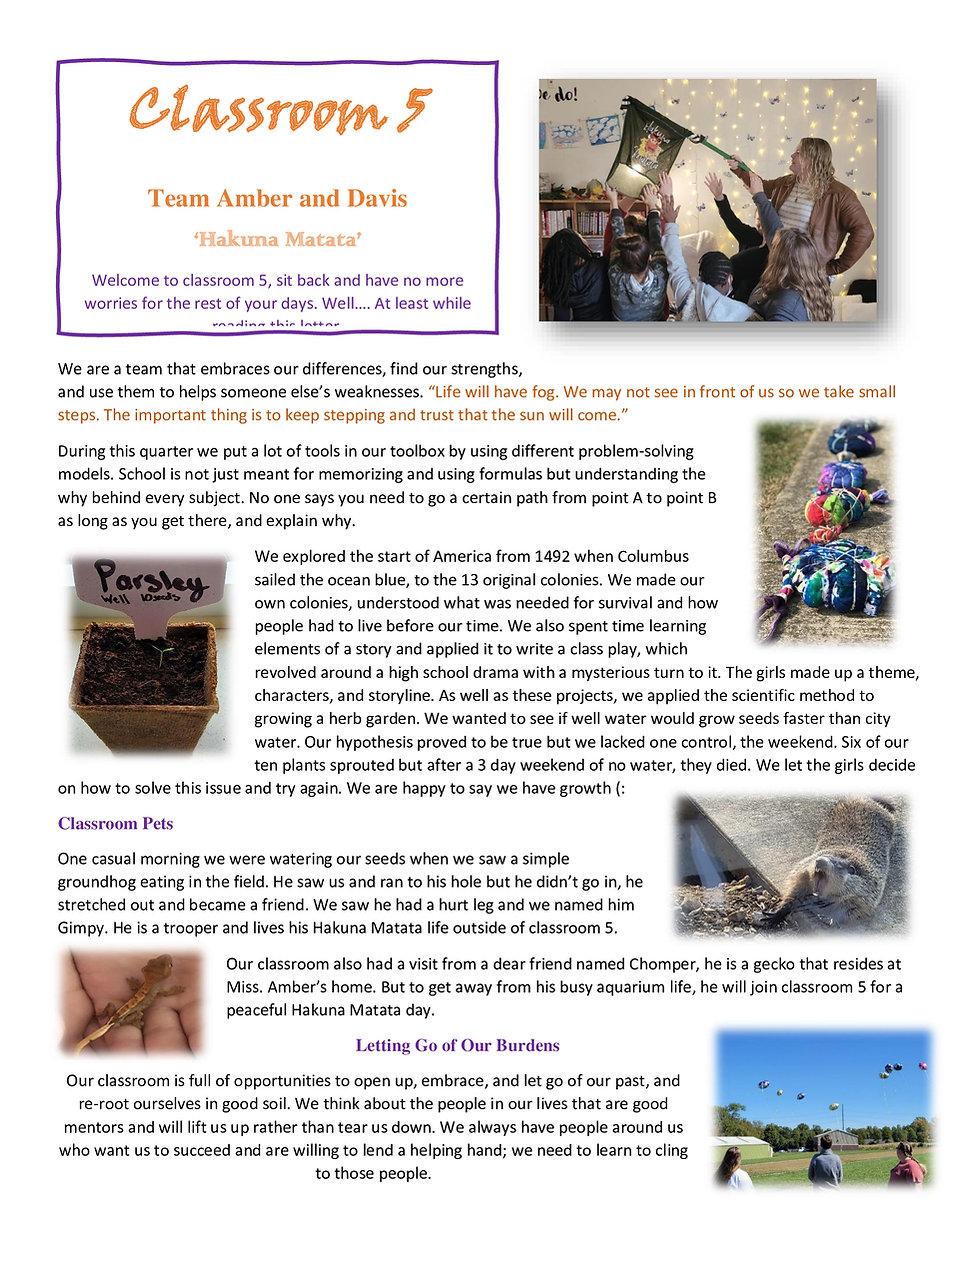 Q1-Newsletter-girls.jpg